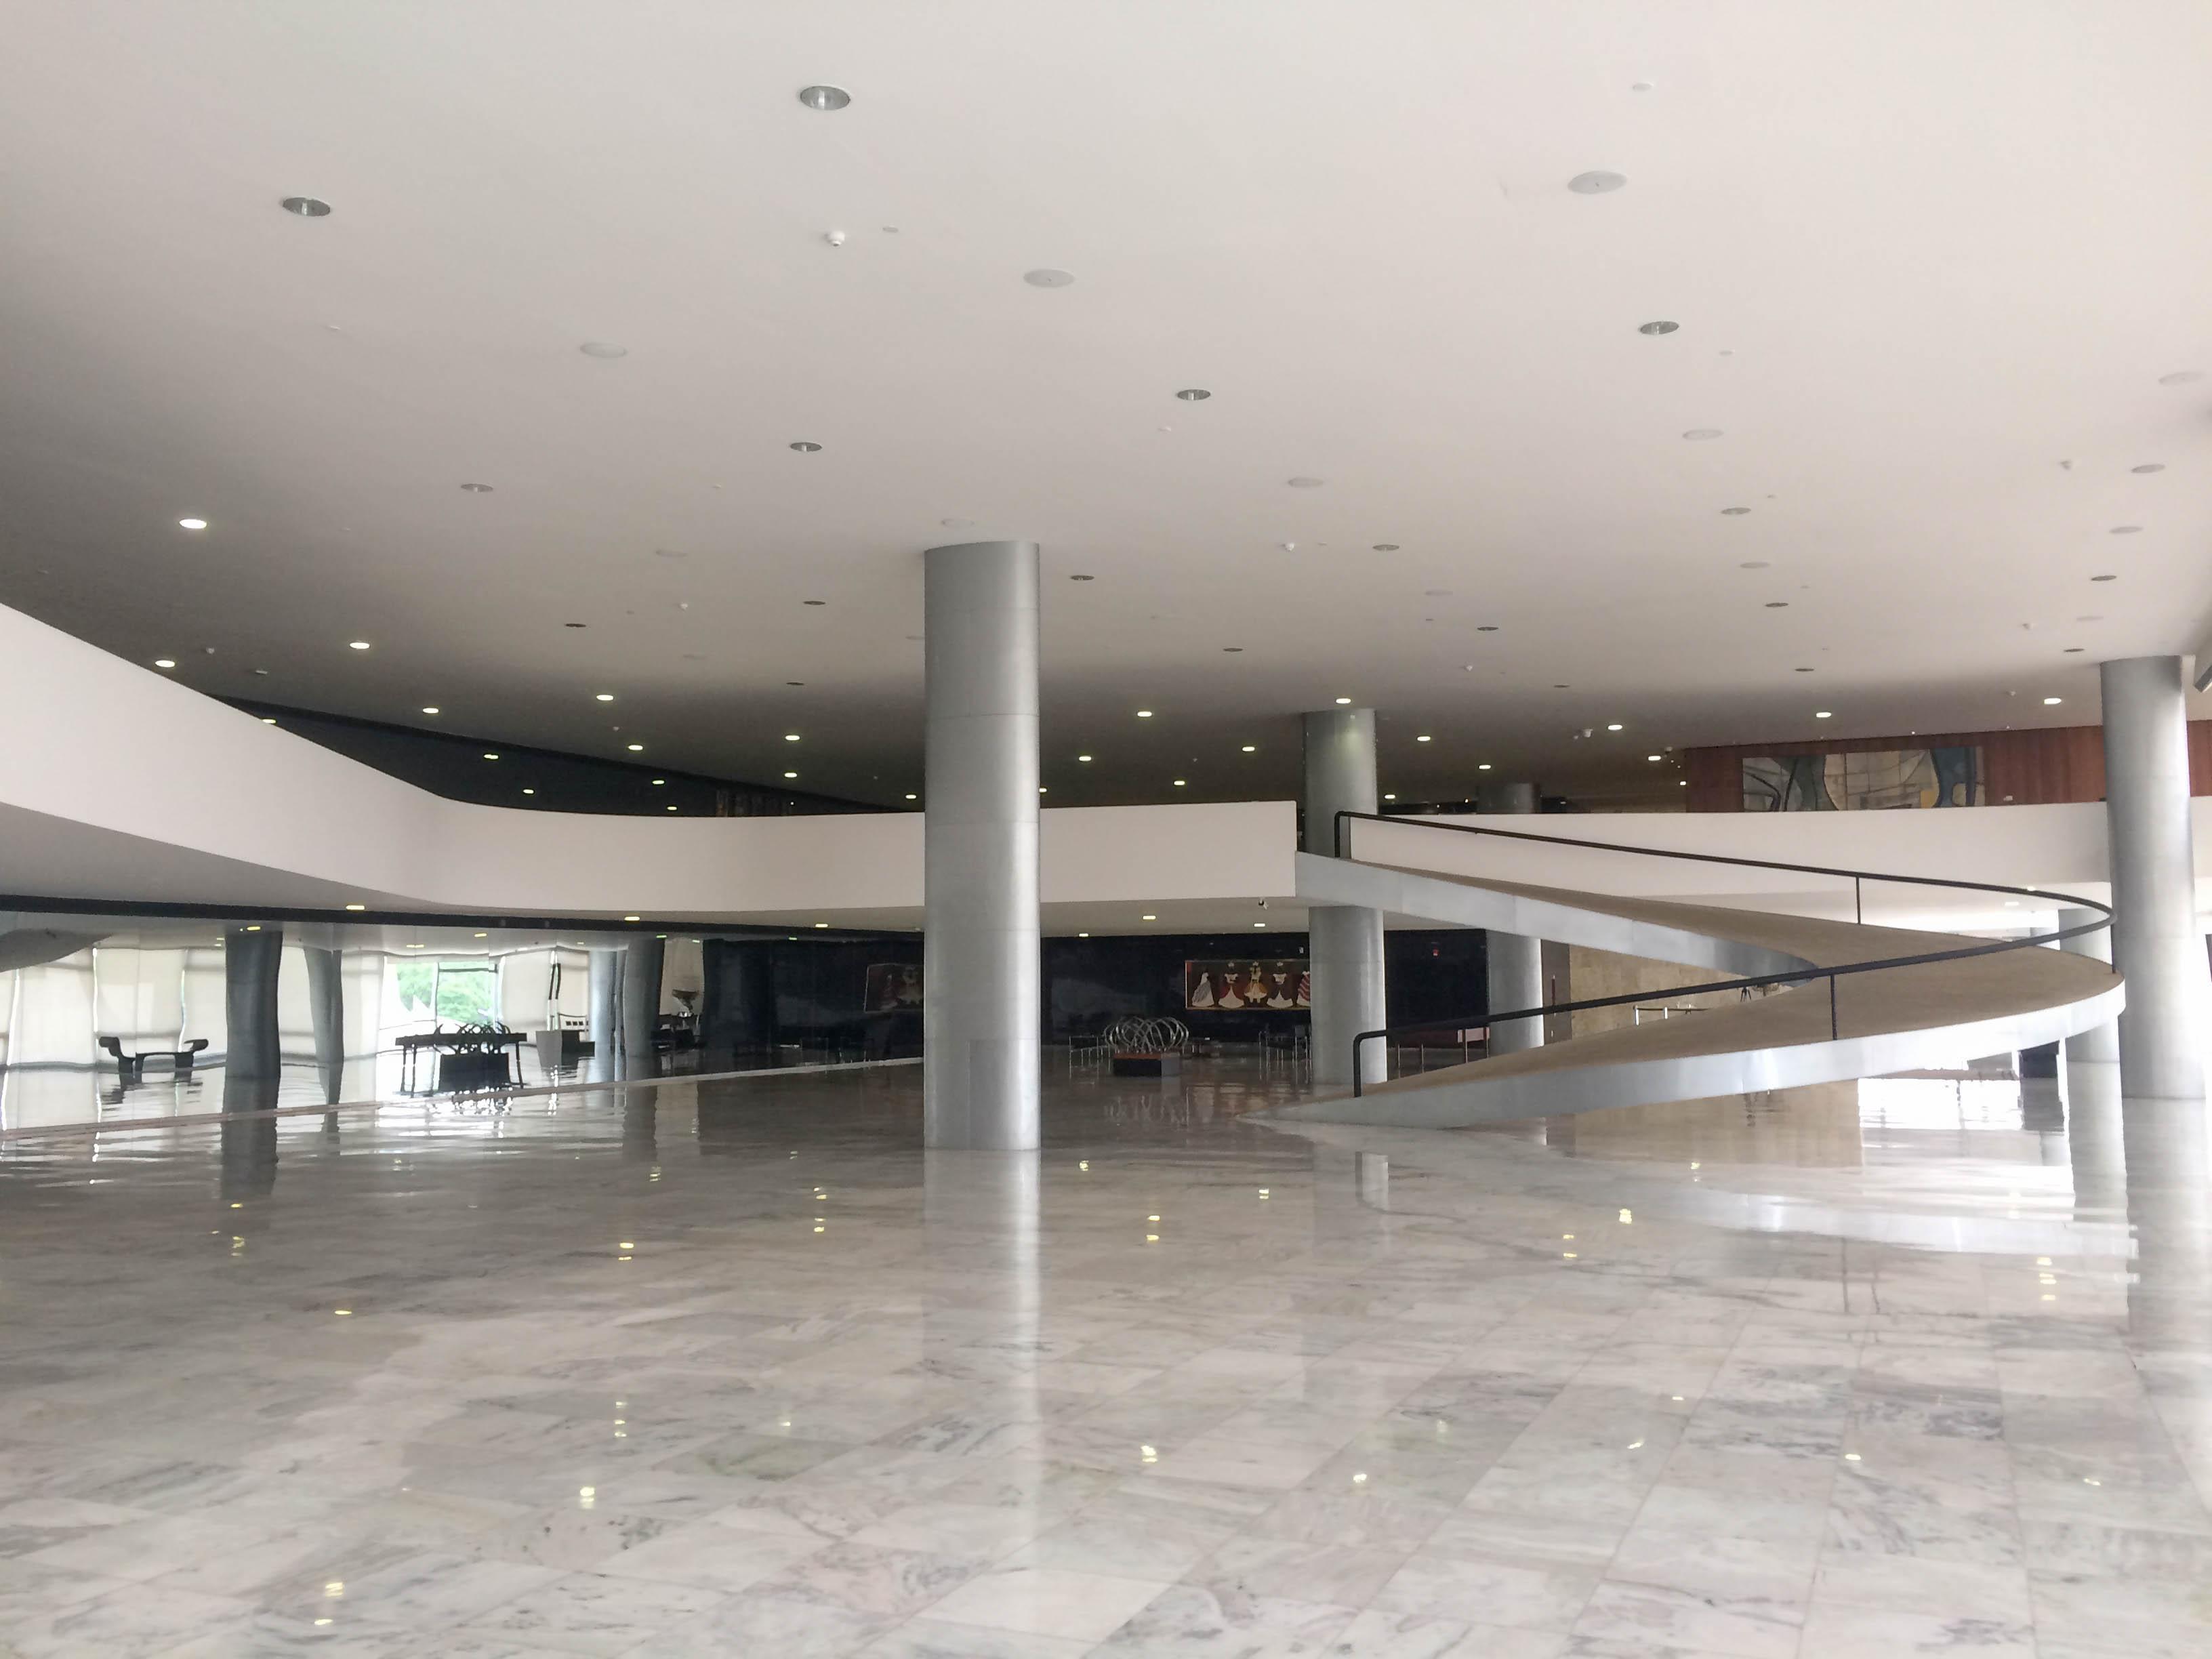 Visita ao Palácio do Planalto Presta atenção nessa rampa. Ela é horrível de subir.